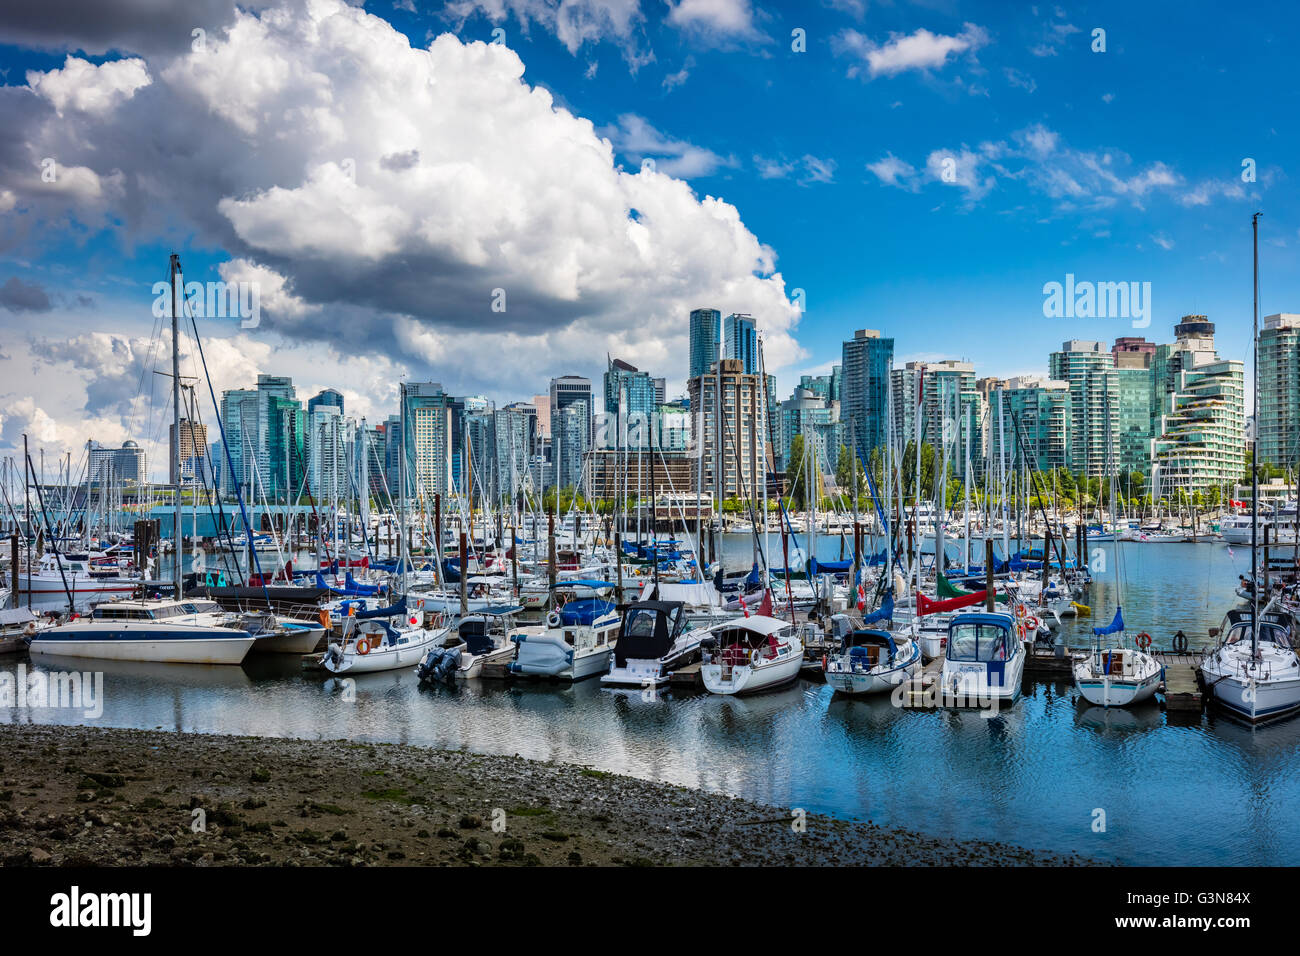 Vancouver est la ville la plus peuplée de la province canadienne de la Colombie-Britannique. Photo Stock